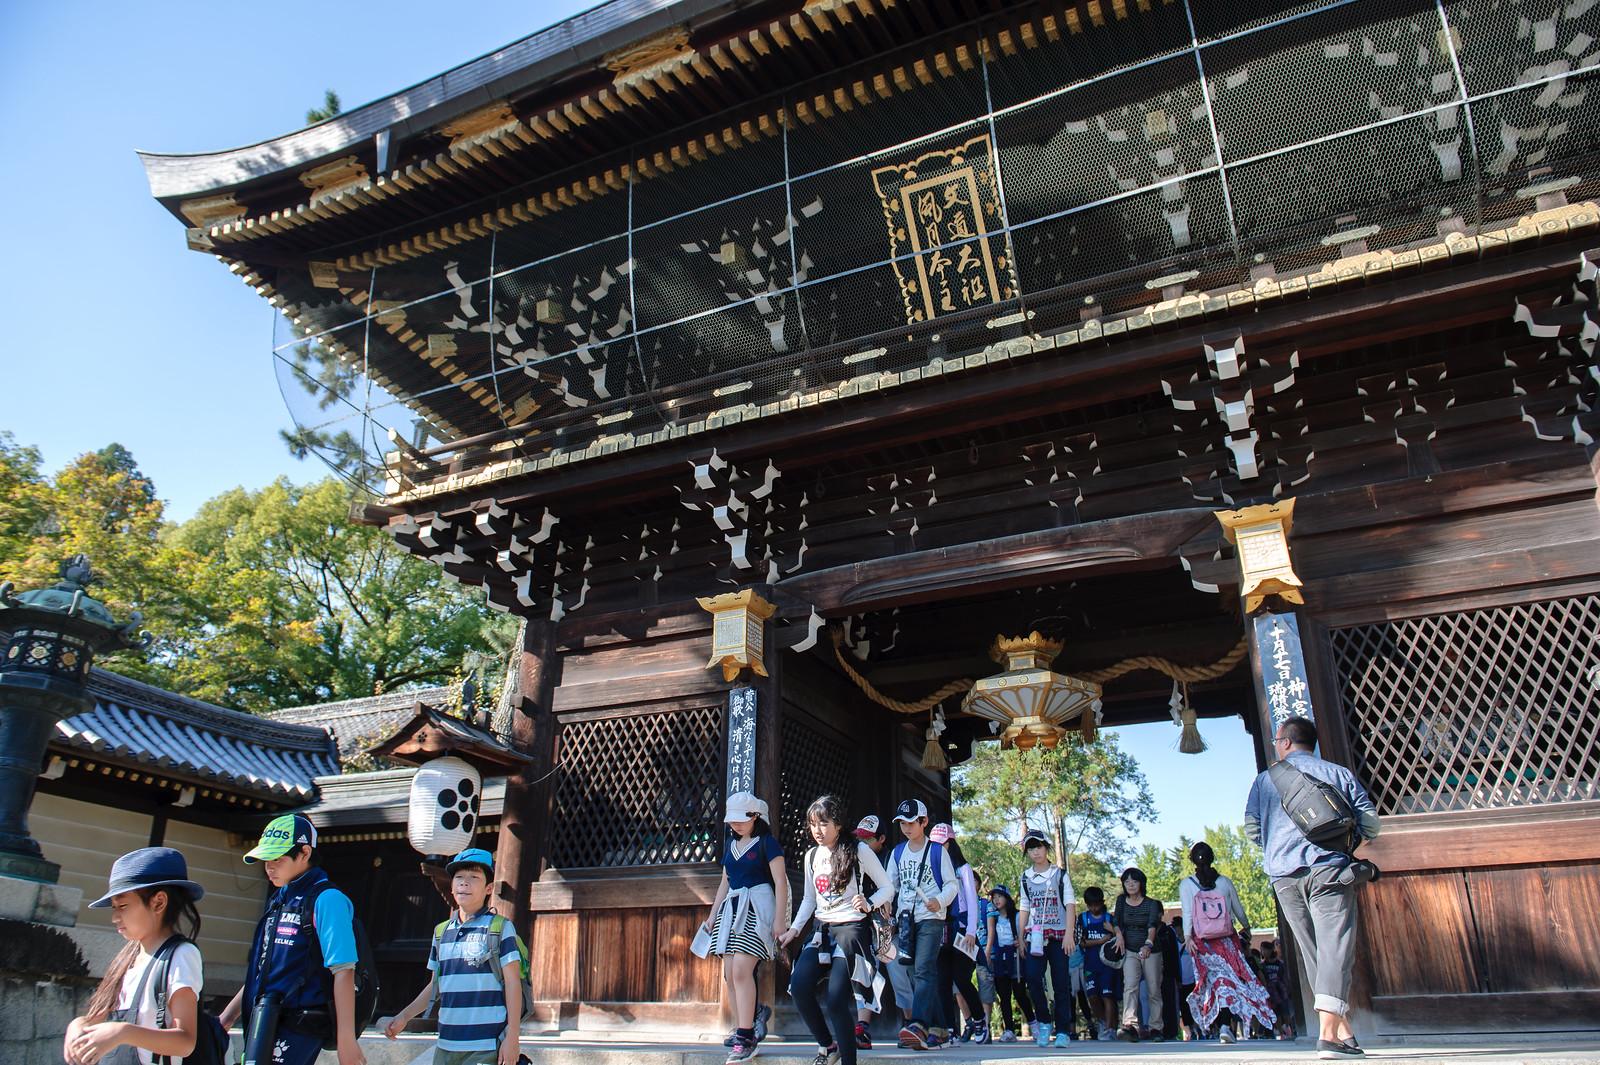 2015VQ@Kyoto-159